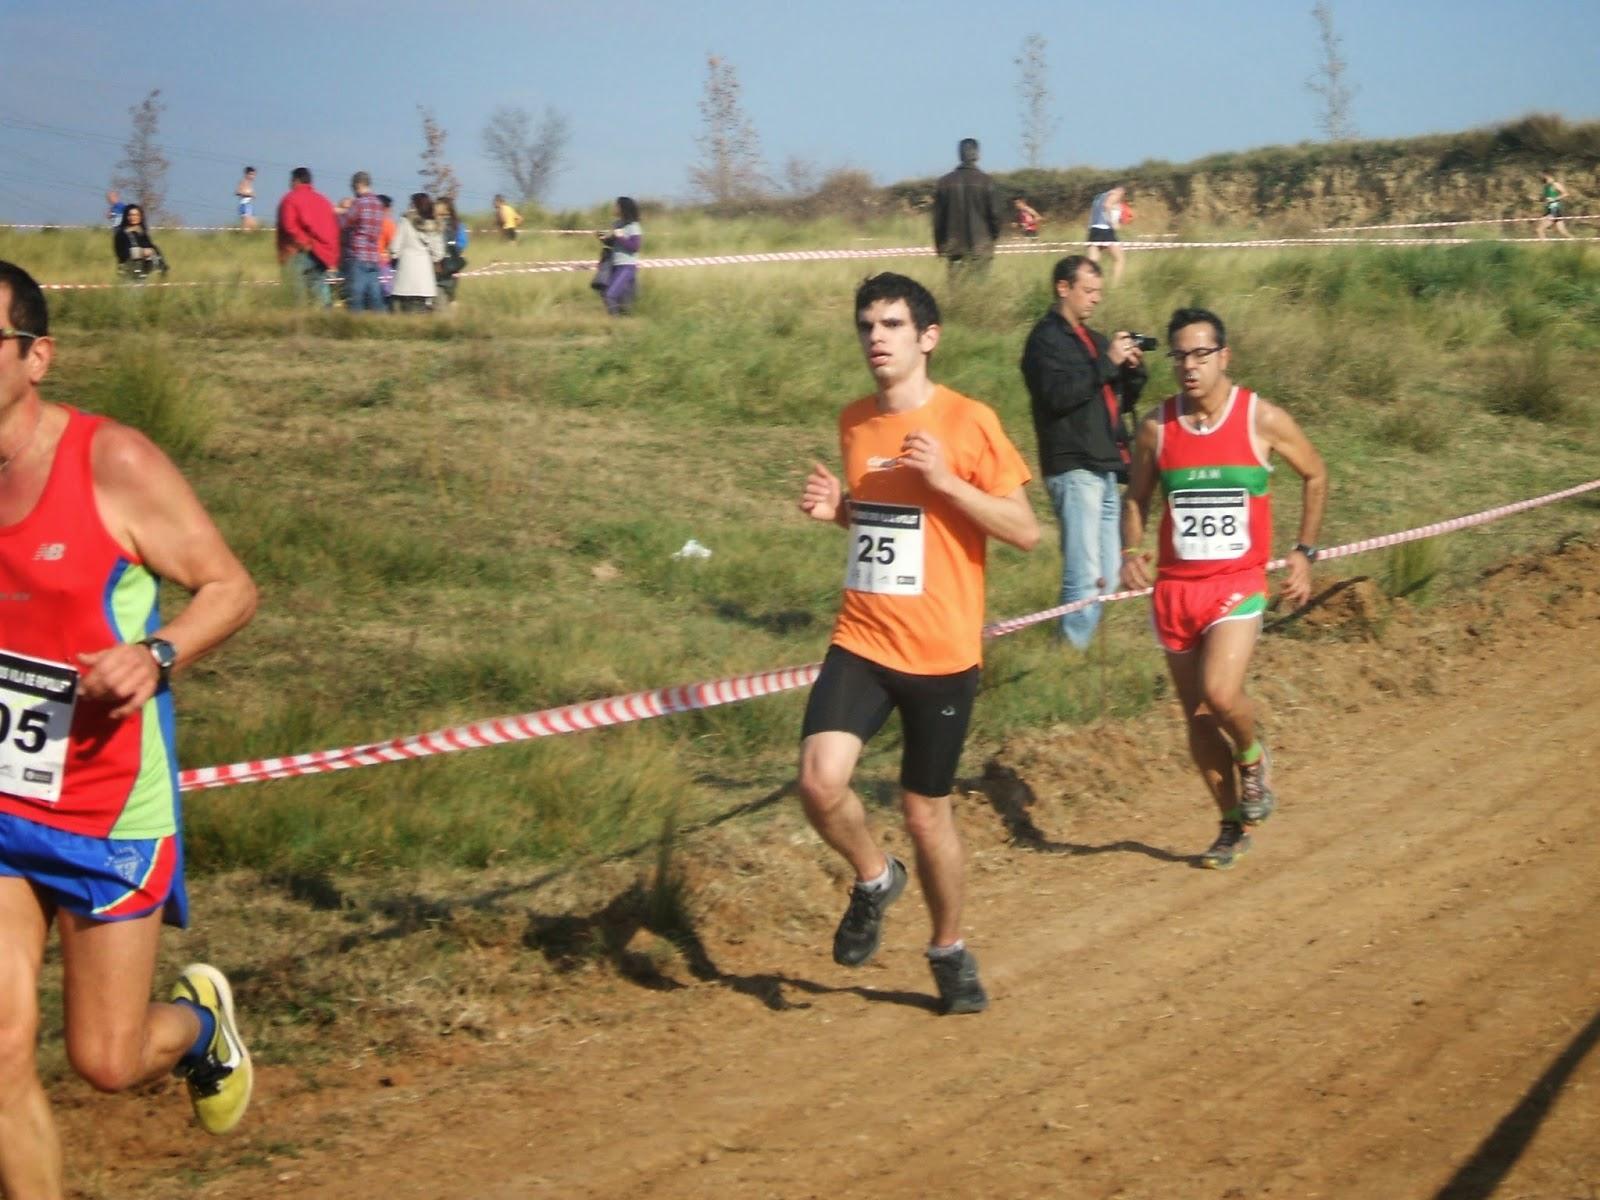 Ahí estoy yo, en la parte intermedia-final de la 2ª vuelta. [Foto: Tomás Prieto]